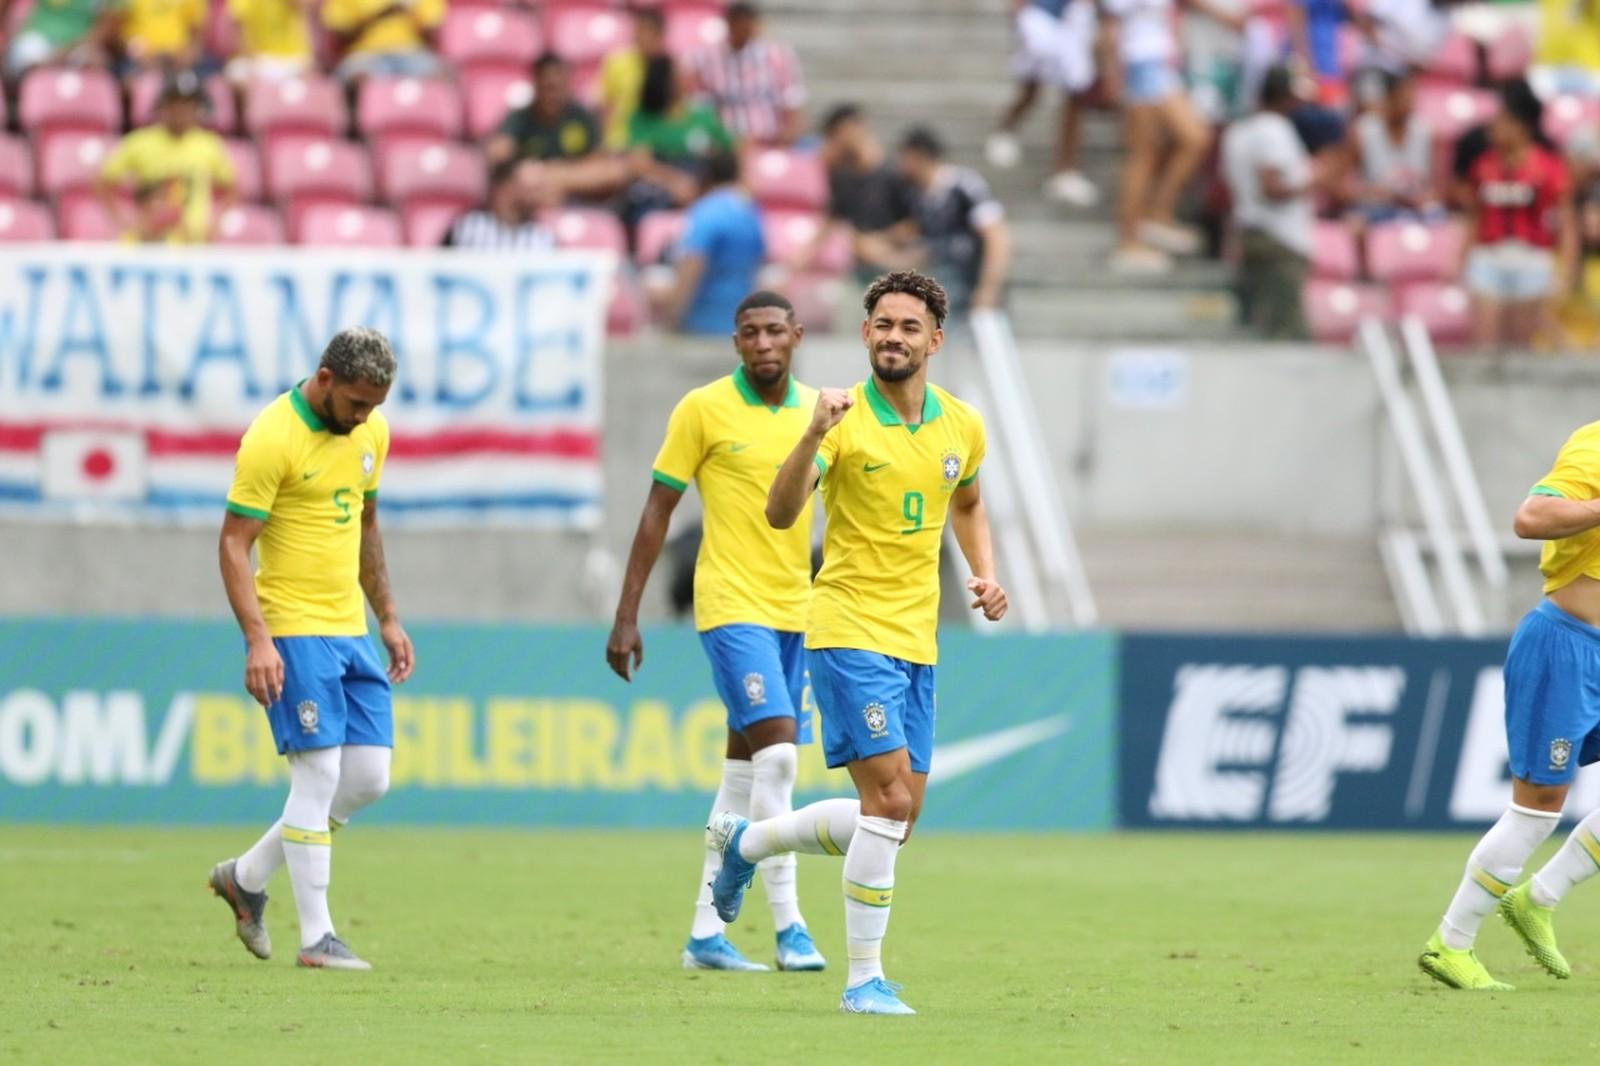 Atacante vai ser o camisa 9 no Pré-Olímpico Sul-Americano, na Colômbia — Foto: Aldo Carneiro/Pernambuco Press